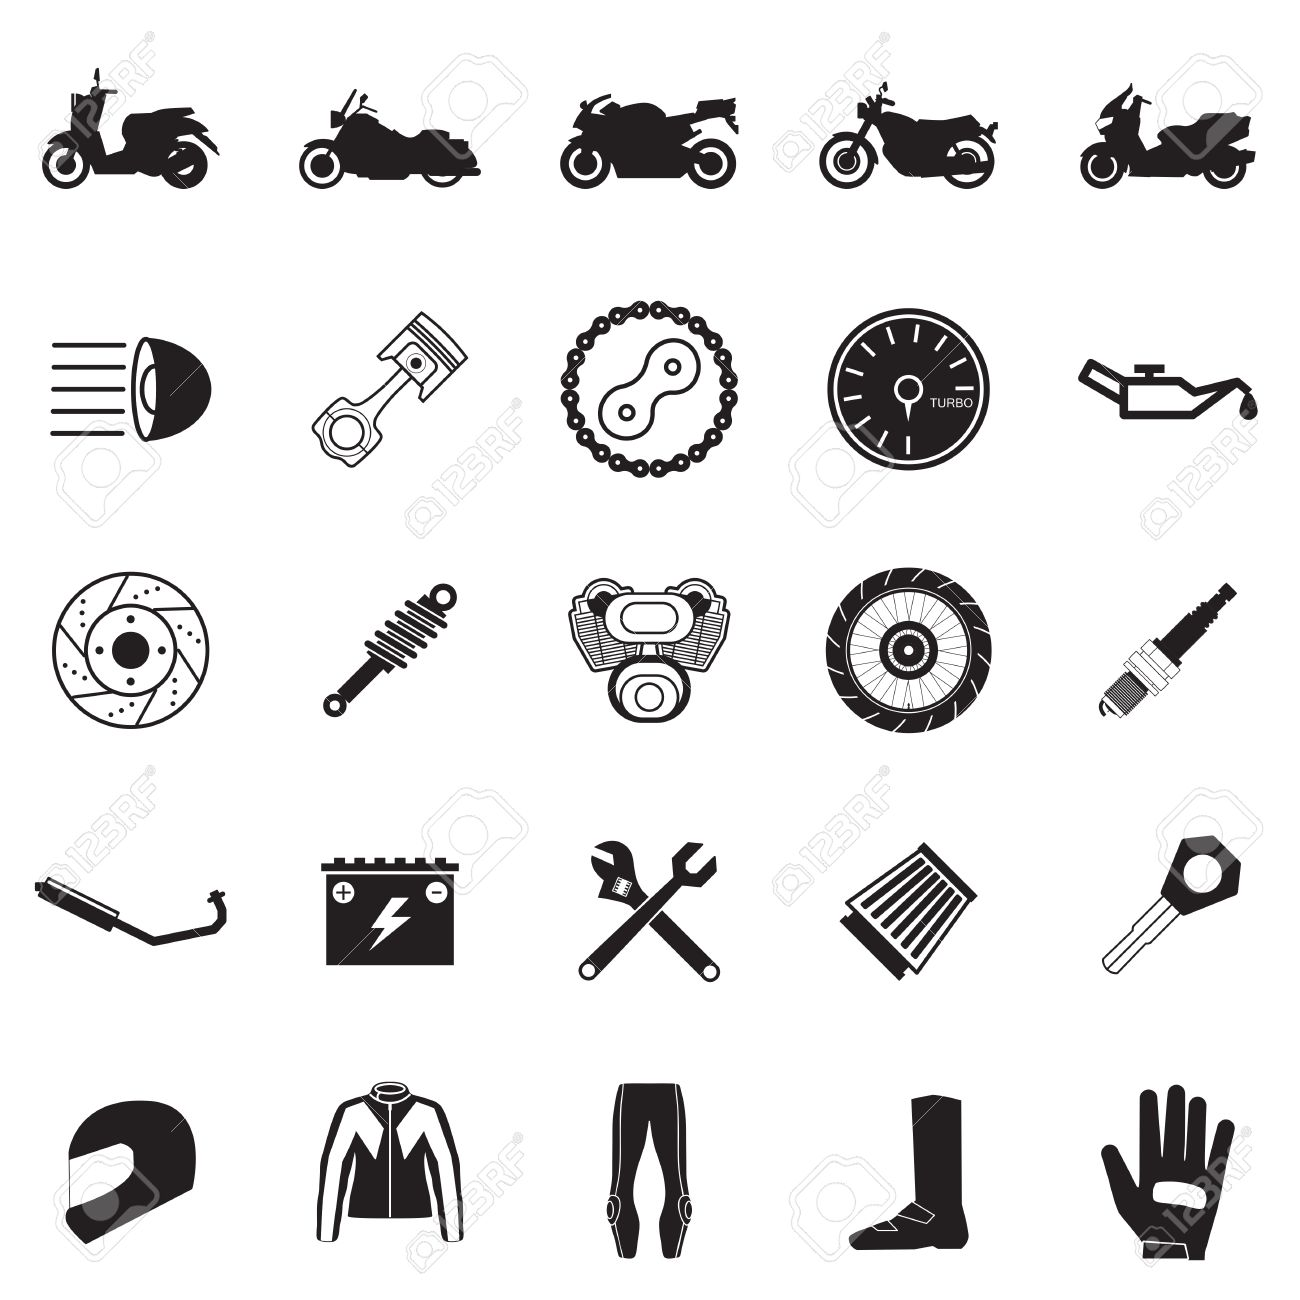 オートバイ部品および項目設定 ロイヤリティフリークリップアート